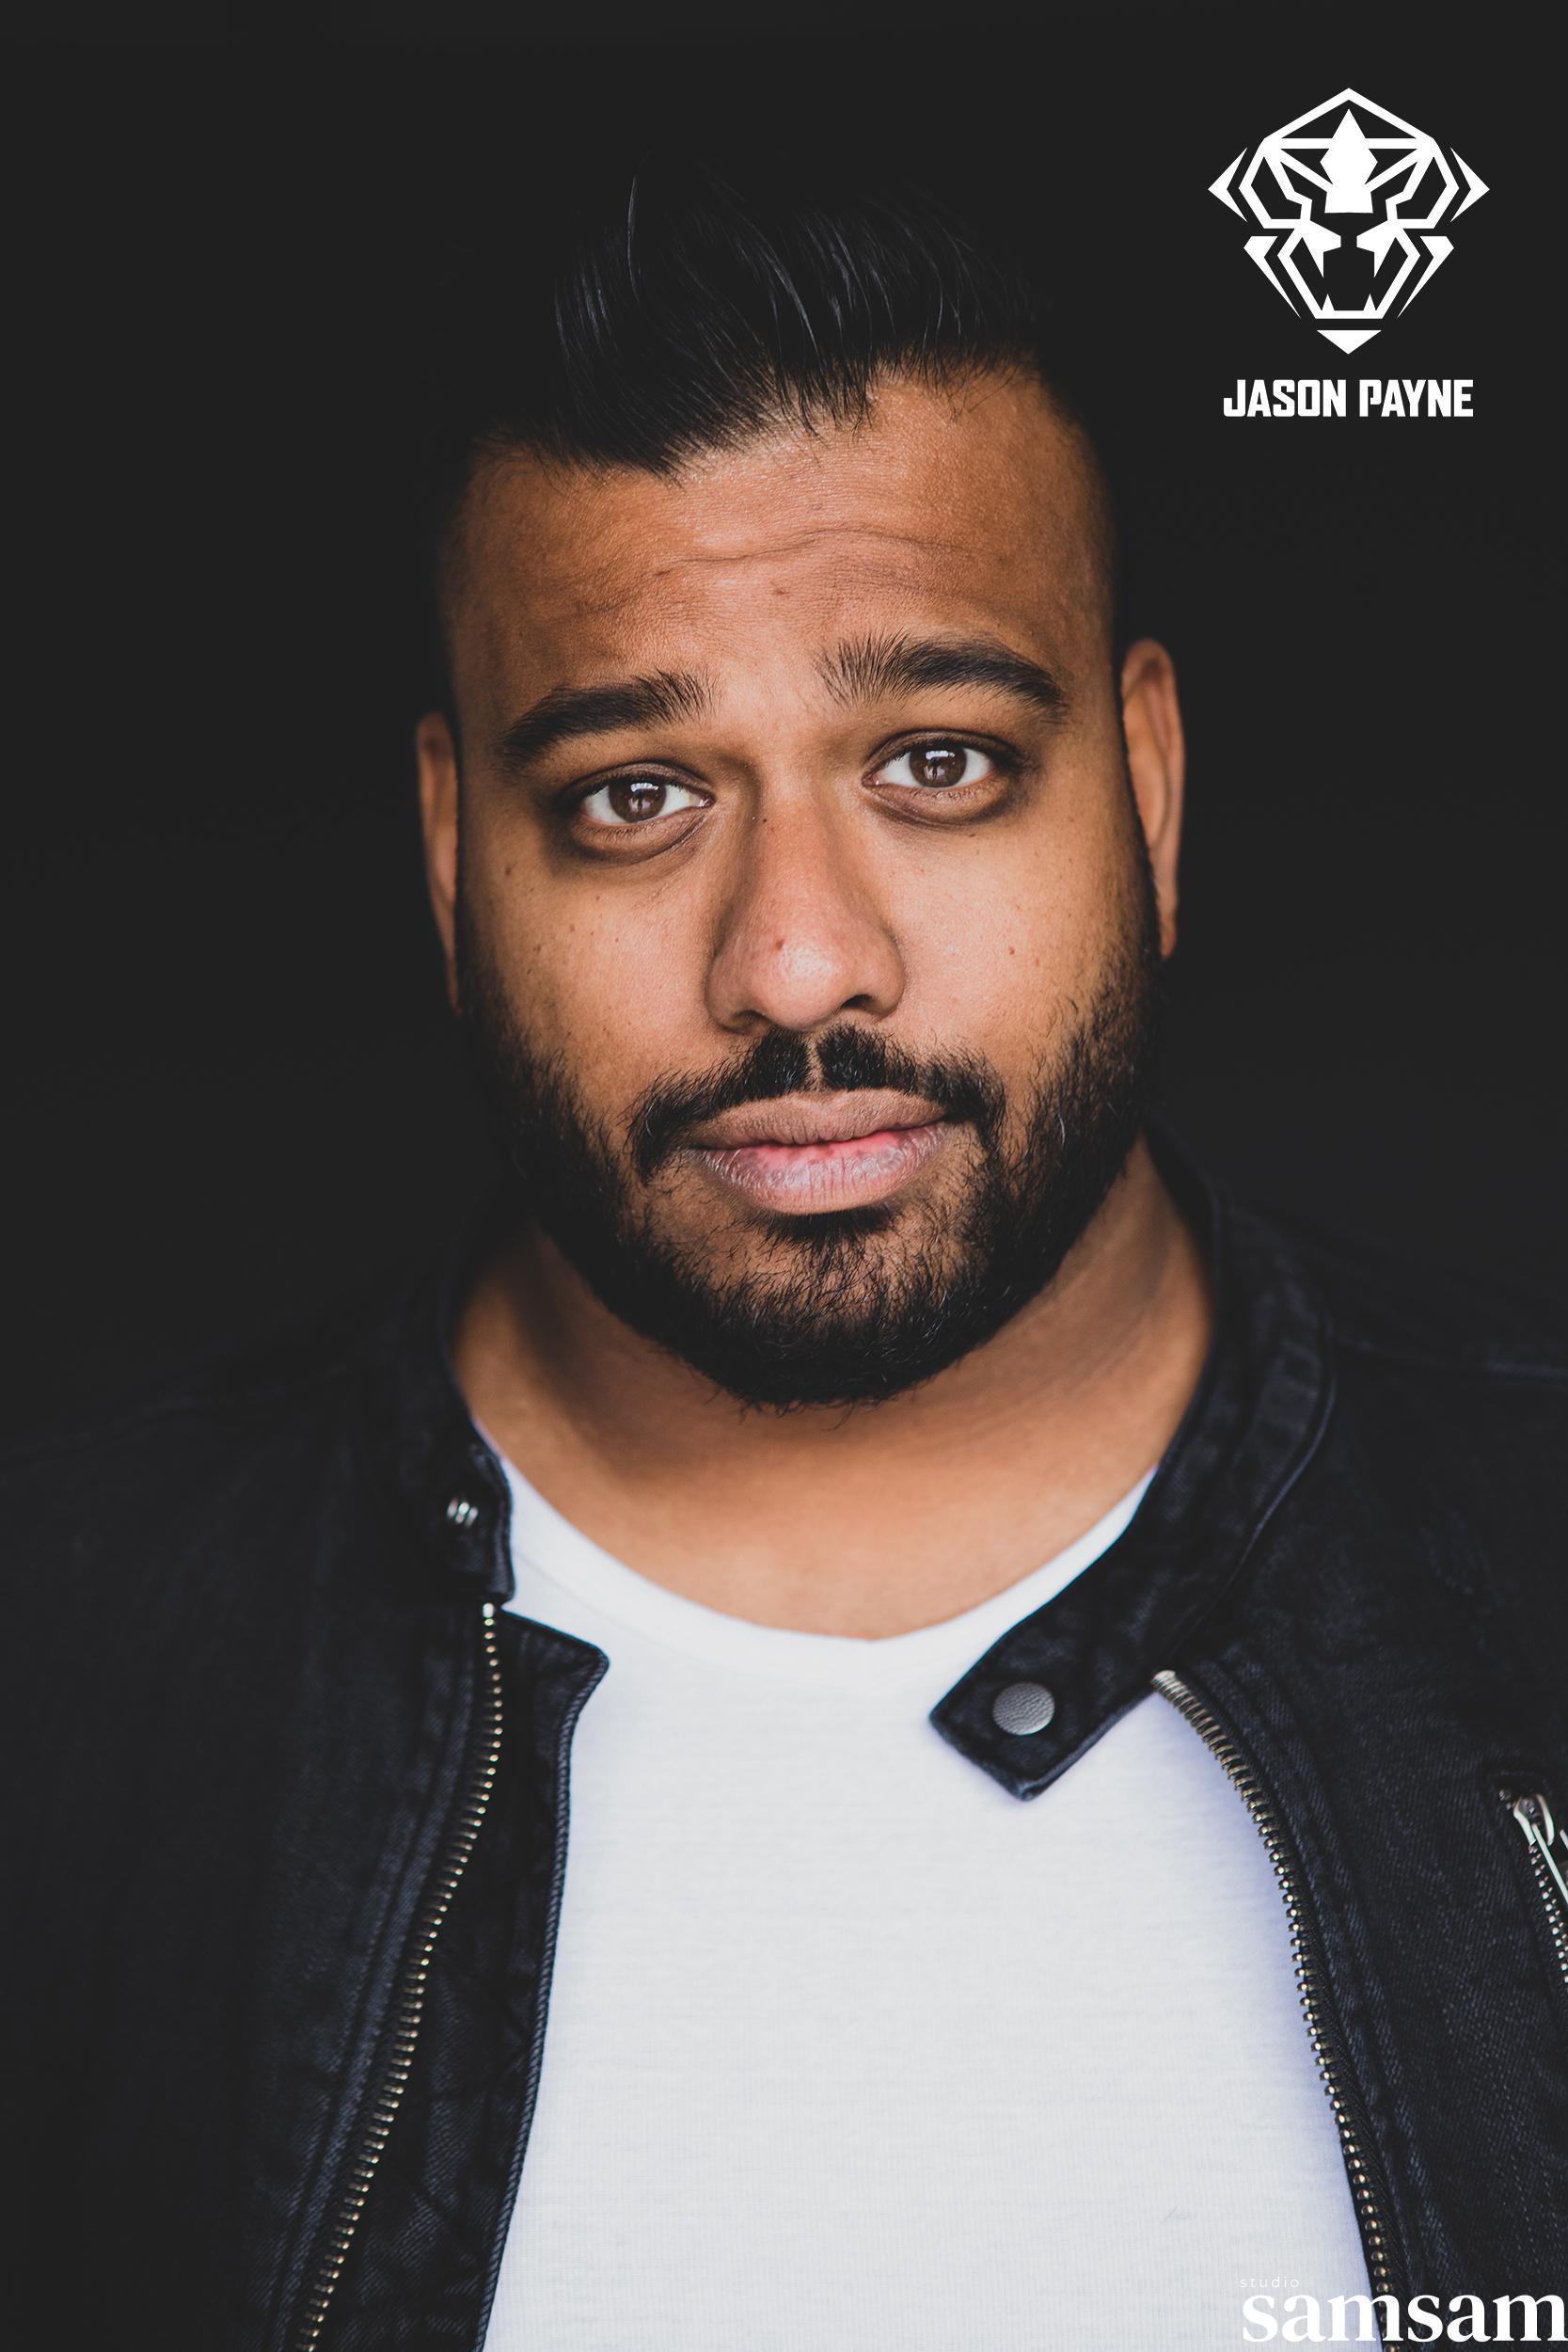 Jason Payne Sanjay portret studio samsam 2